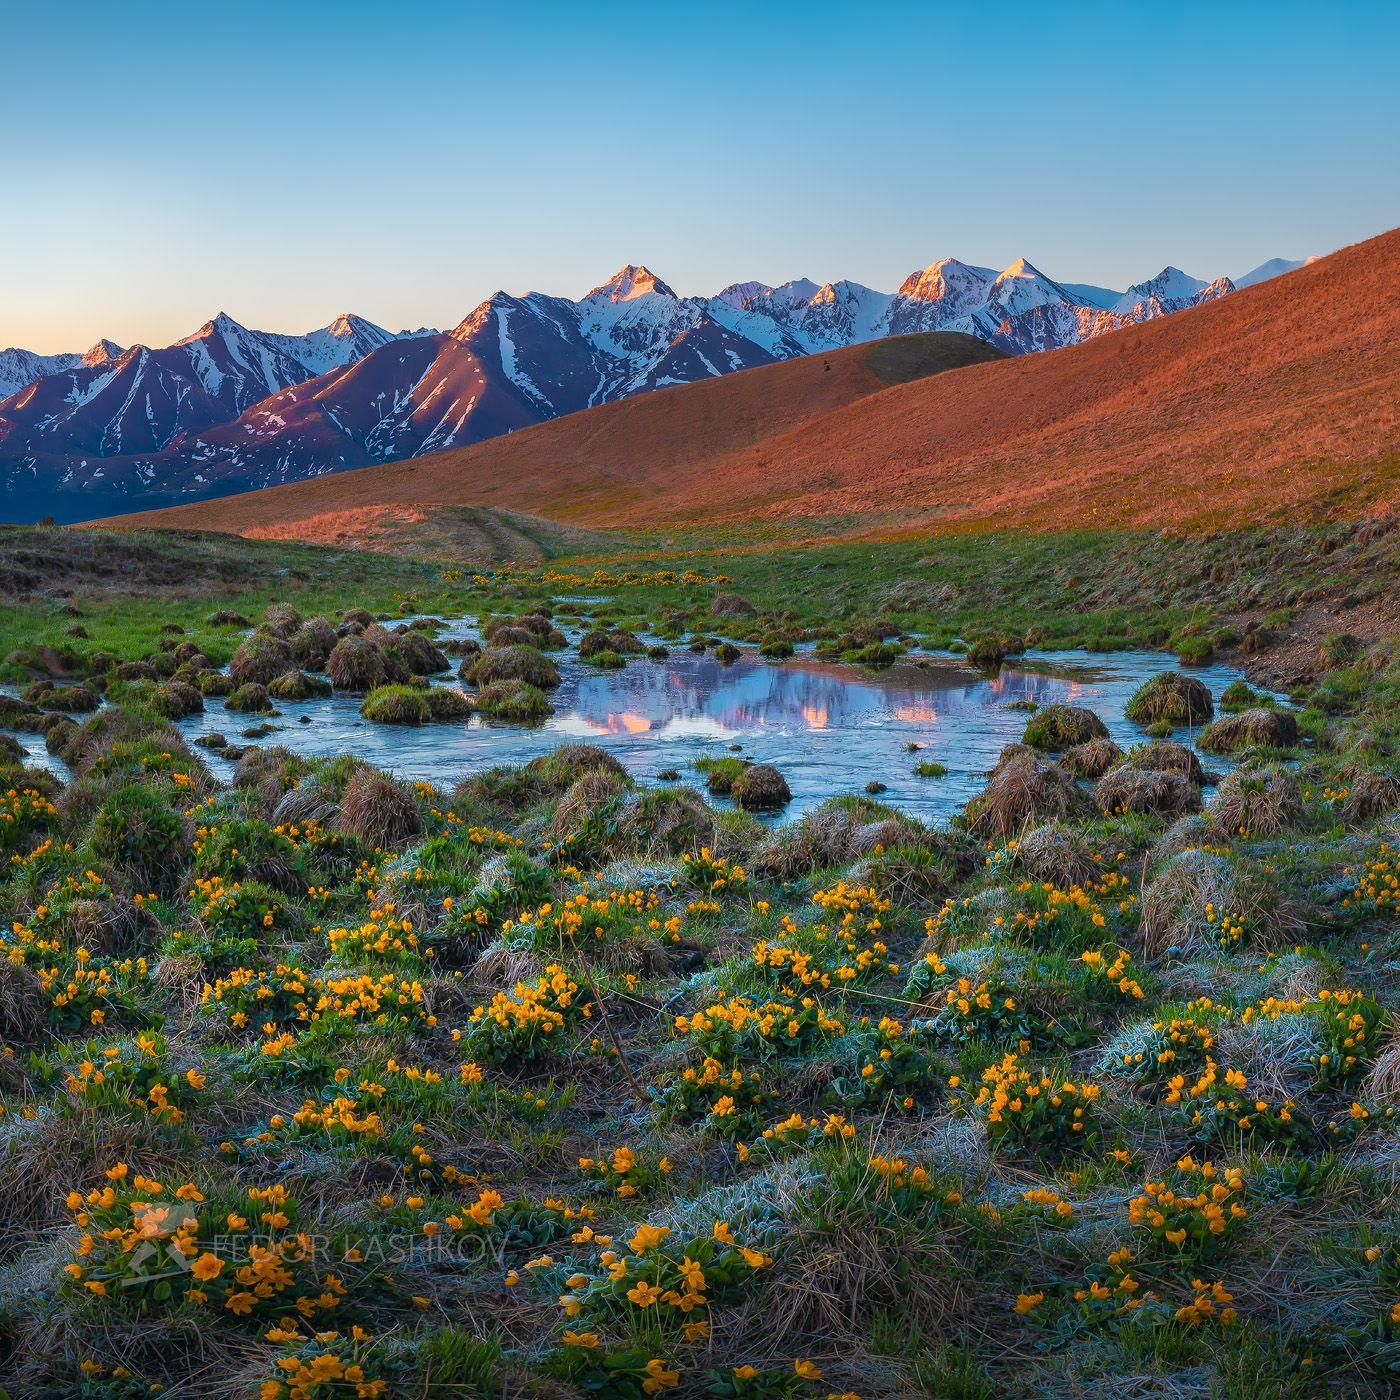 Весенний пейзаж на рассвете Кавказ Теберда Эльбрус Кавказский хребет весна путешествие горы горное озеро озерцо цветение альпийские луга калужница многолепестковая рассвет цветущее жёлтый на фоне гор цветы весеннее